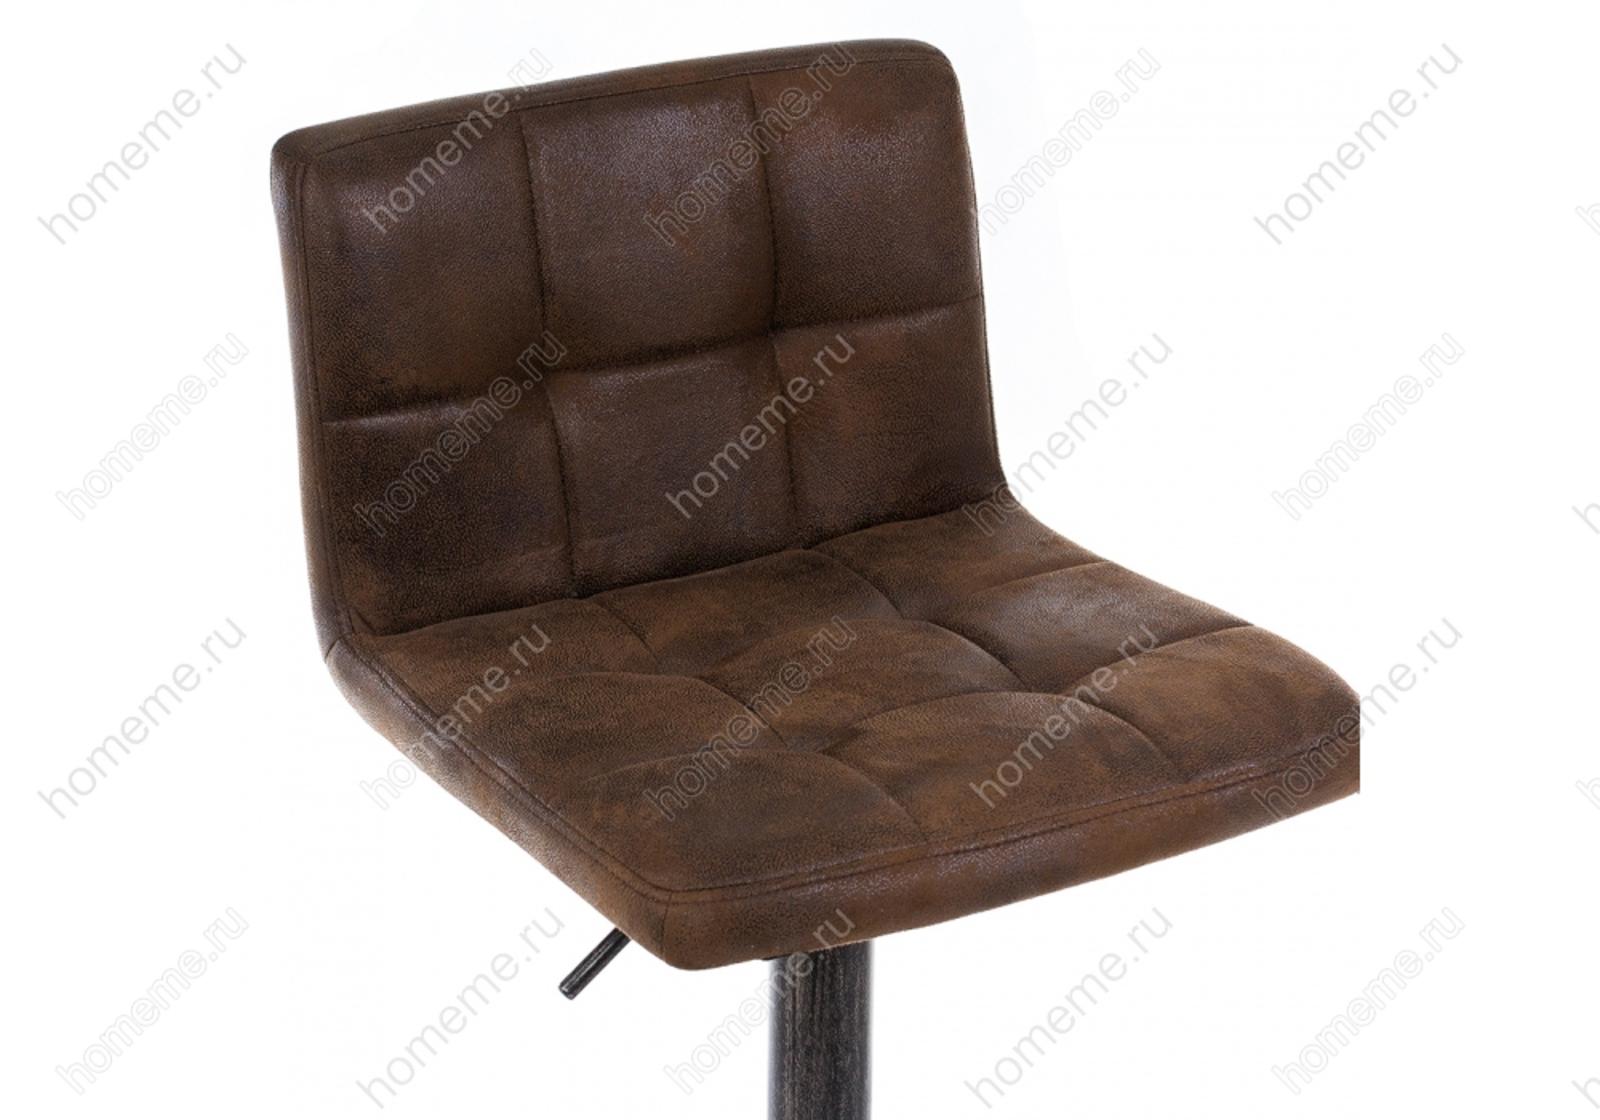 Барный стул Paskal vintage brown 1883 1883